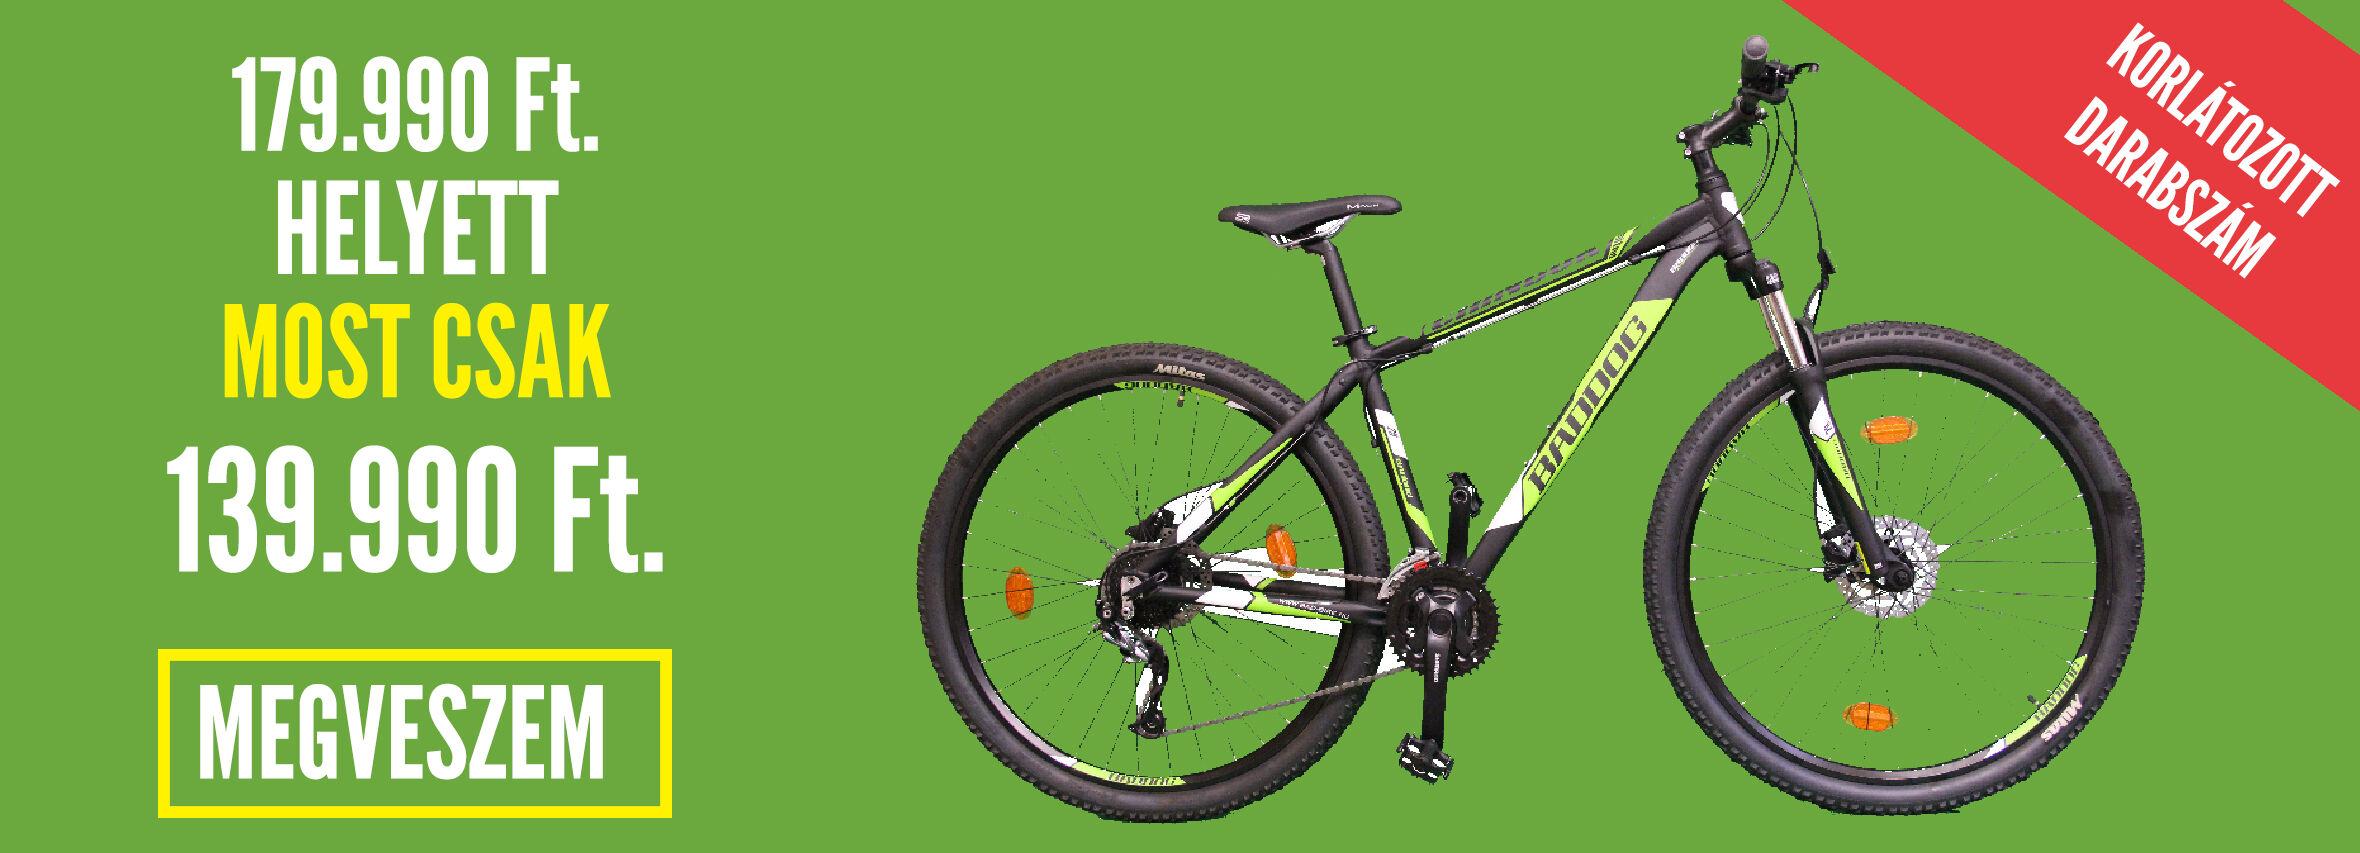 f3eaad02389d Kerékpár webshop, Kerékpár vásárlás - KerékpárGuru